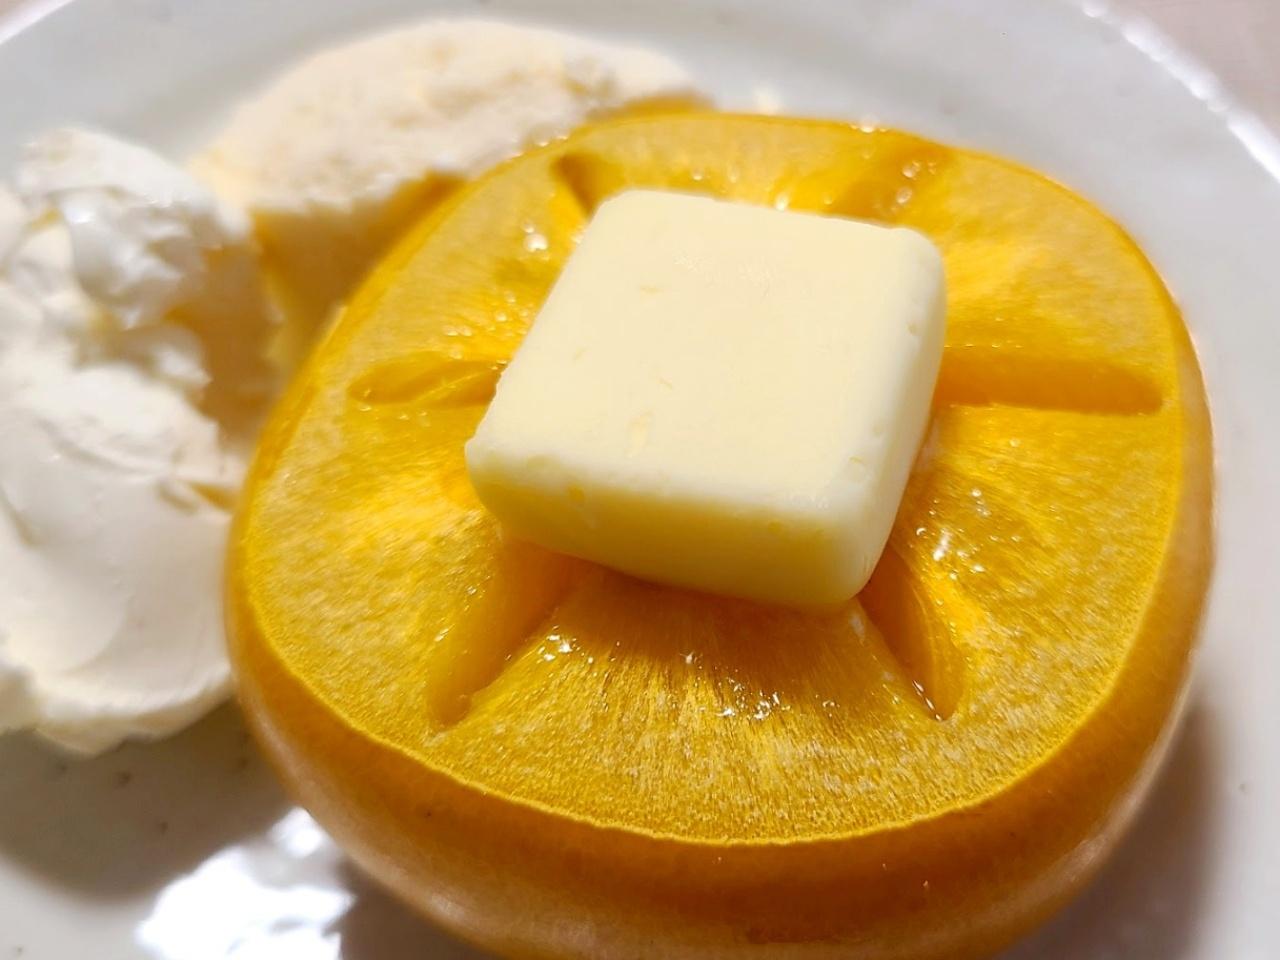 柿は焼いた方がウマい!? JA全農オススメの「焼き柿」は甘くてとろける革命的美味しさだった!